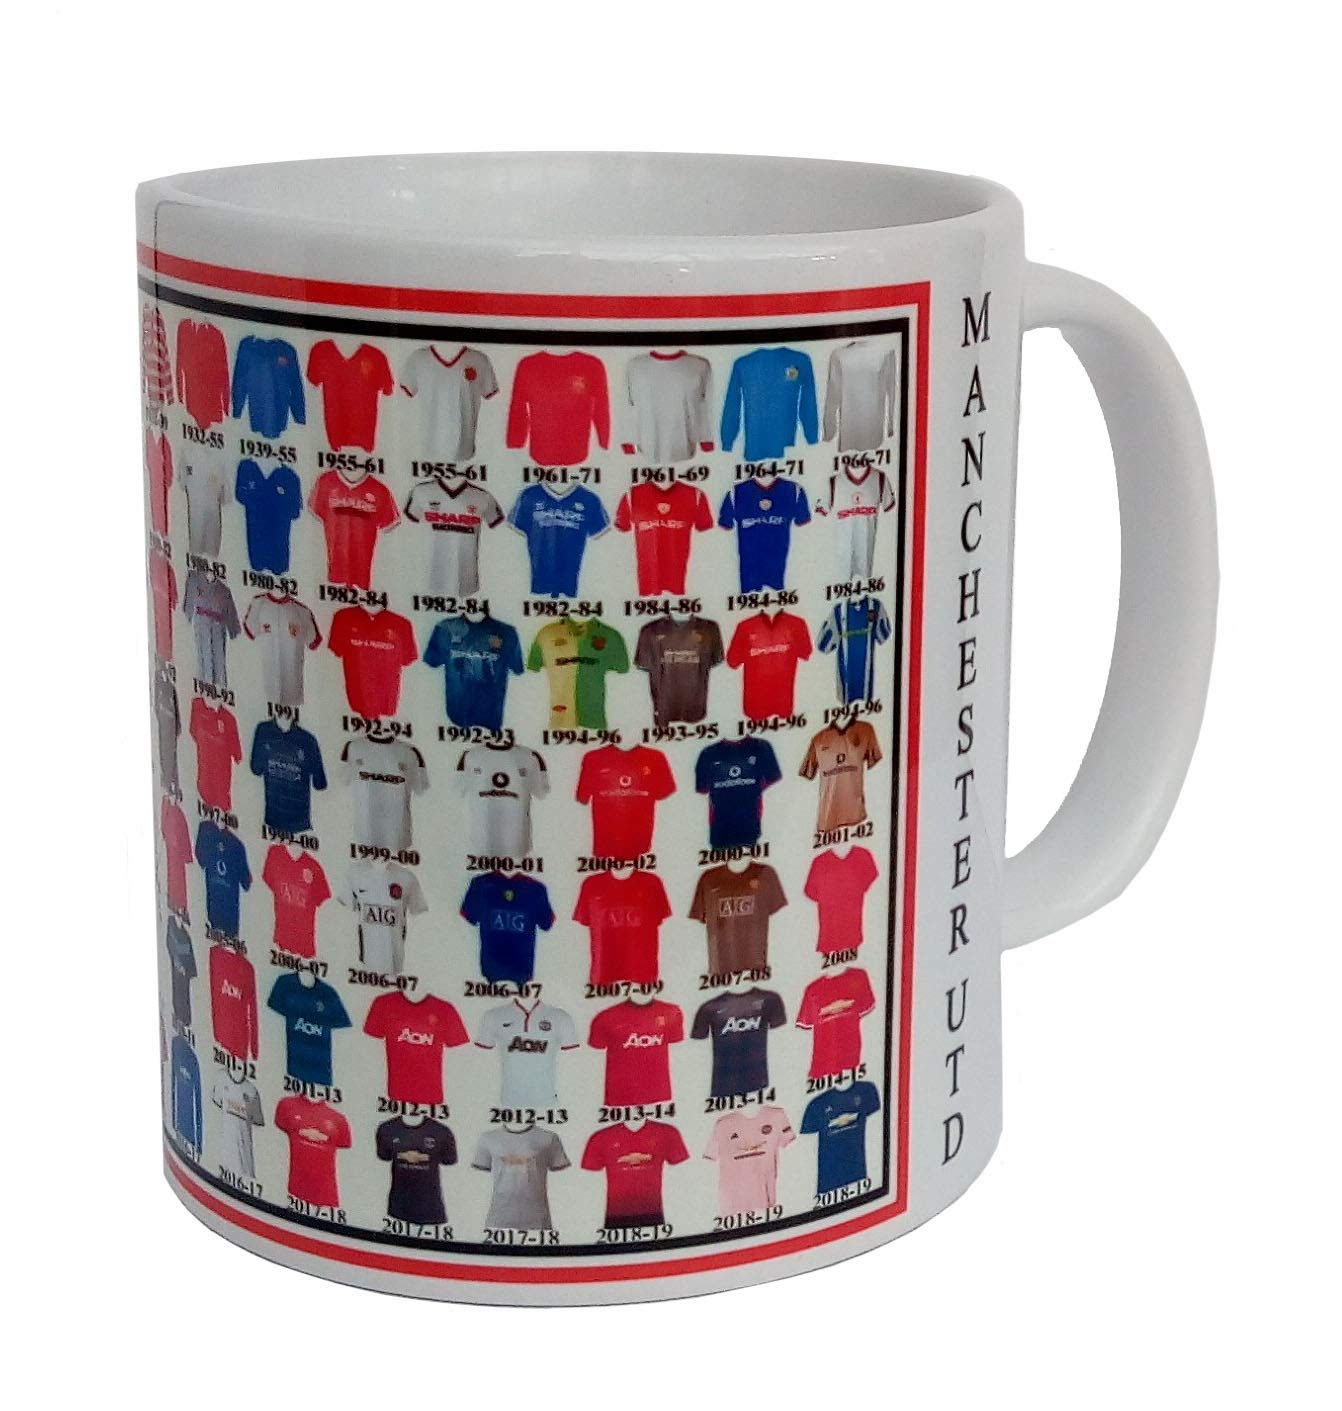 95ecd39aae5 Manchester United mug Manchester United shirt History Mug Ceramic Mug  football Mug  Amazon.co.uk  Kitchen   Home